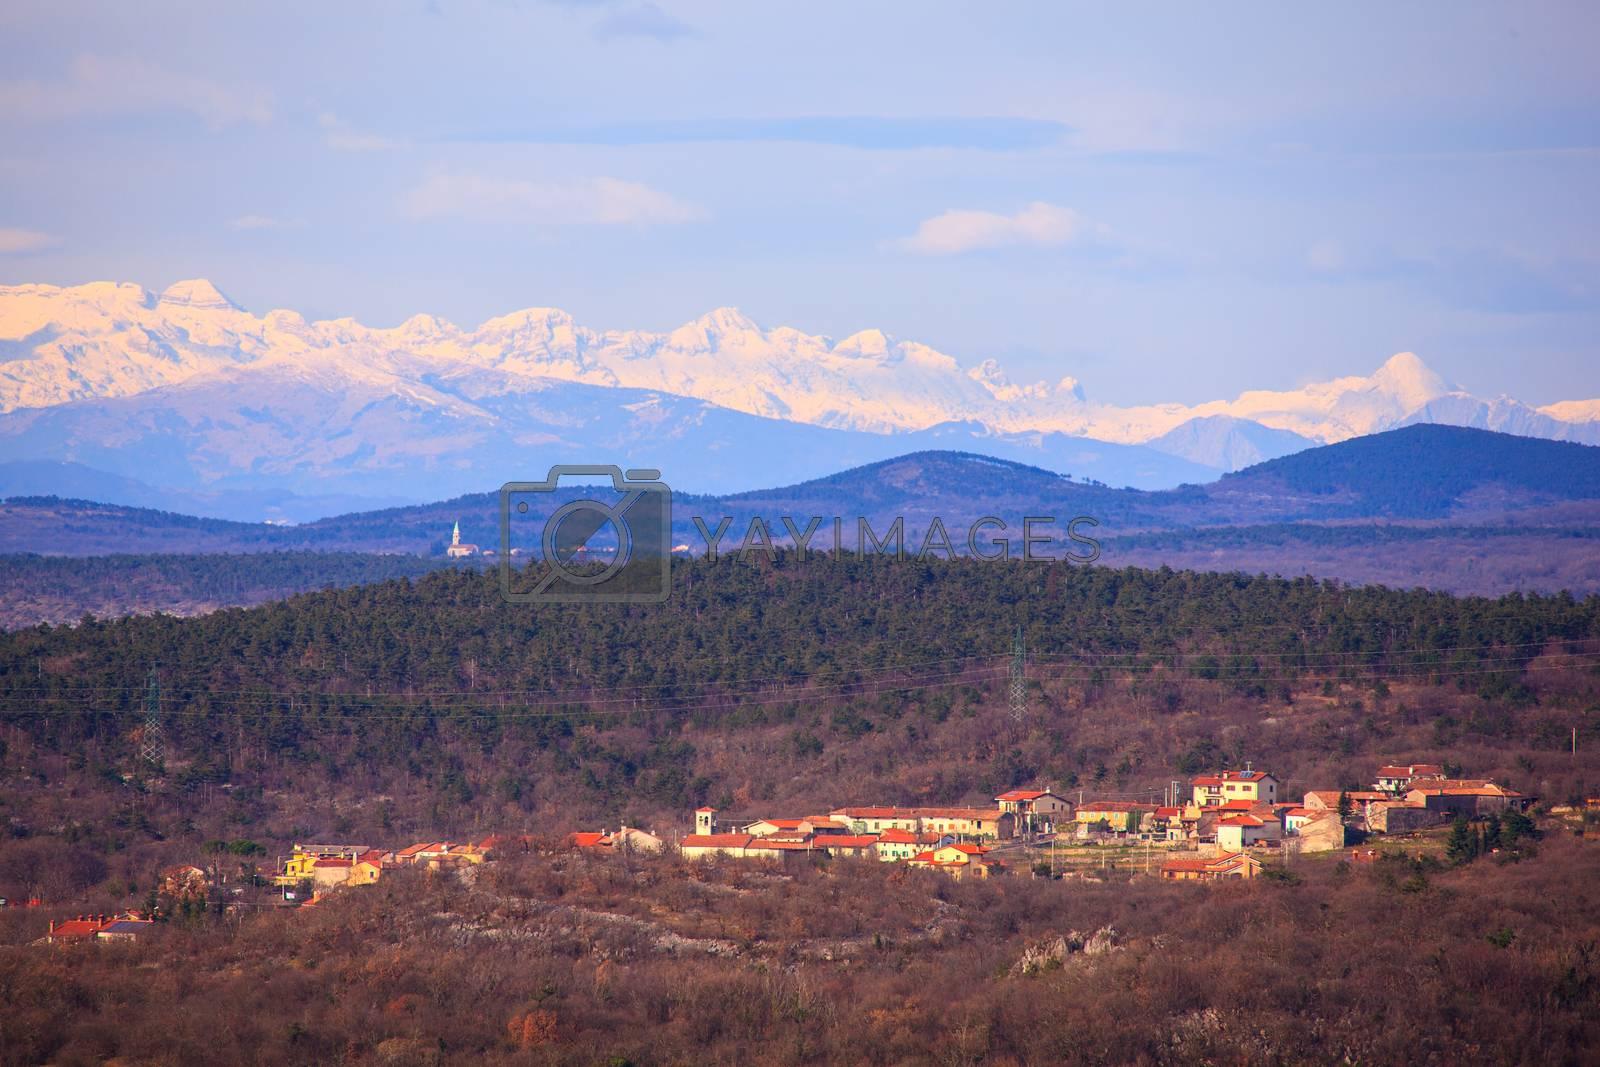 Italian landscape by bepsimage